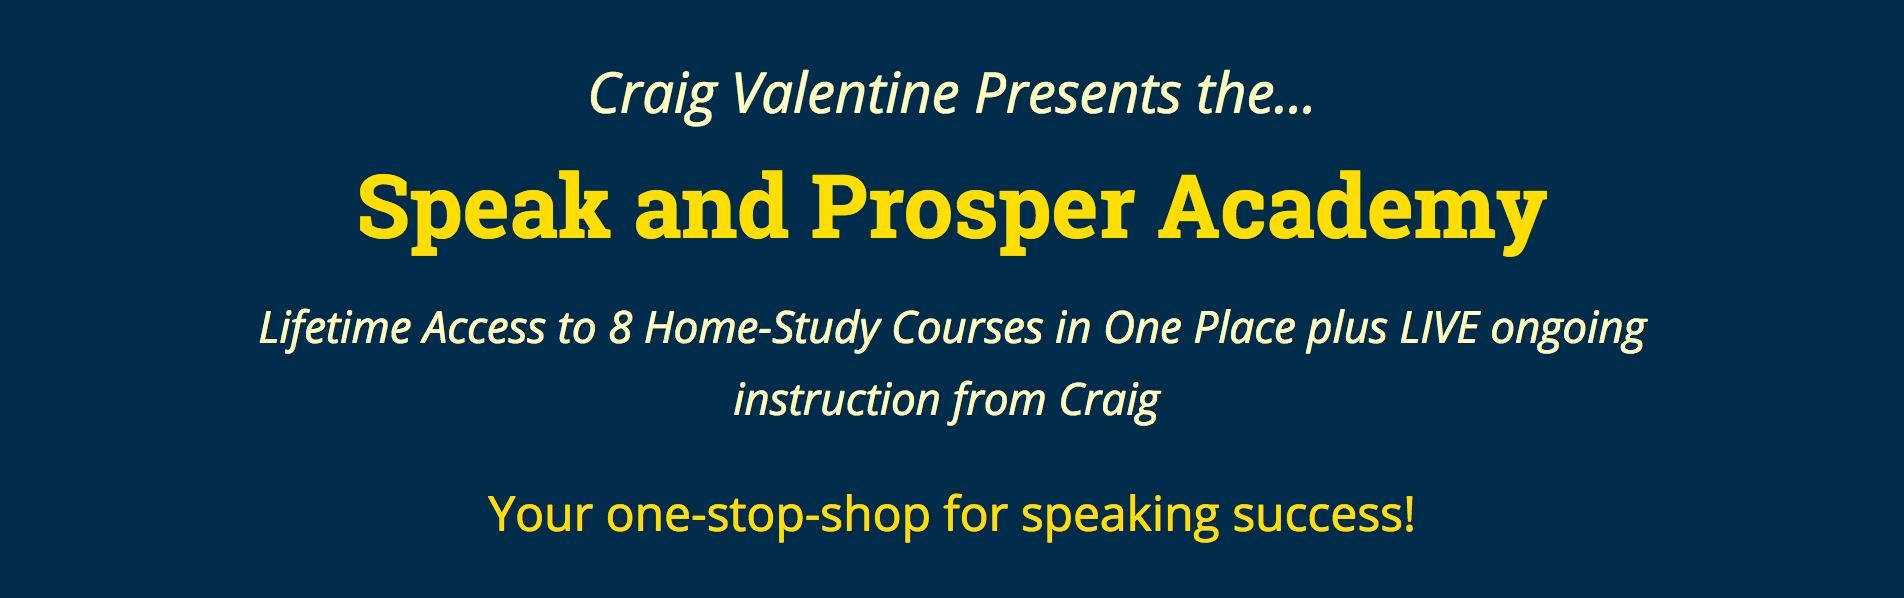 Speak and Prosper Academy Craig Valentine.png